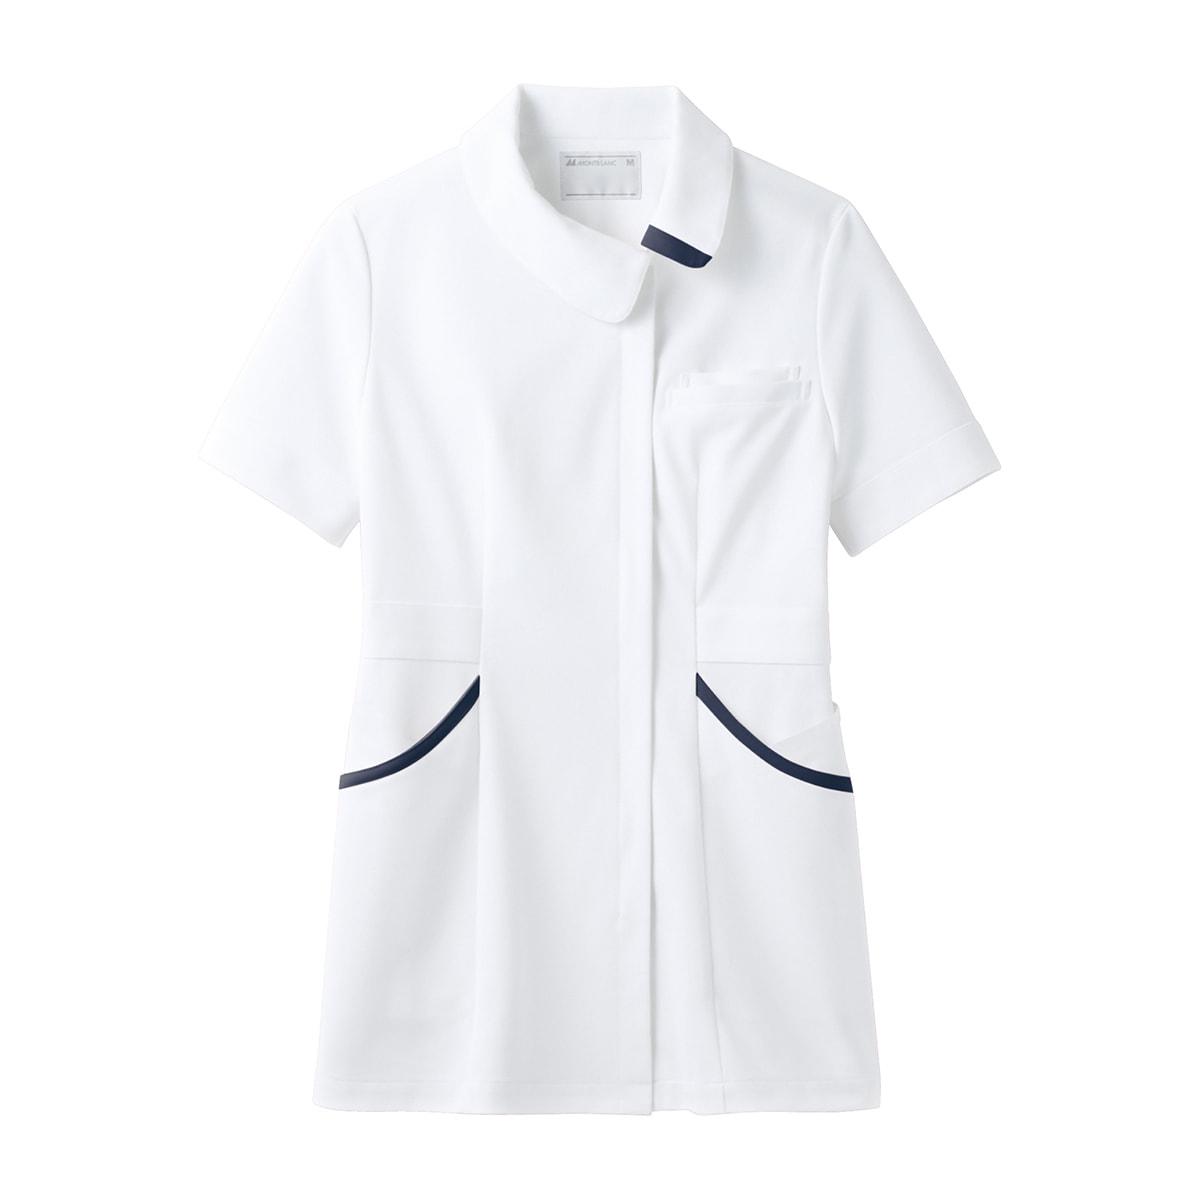 4c92745ae673 ENHナースジャケット(半袖)73-1828(S)(白/ネイビー)の卸・通販 ...